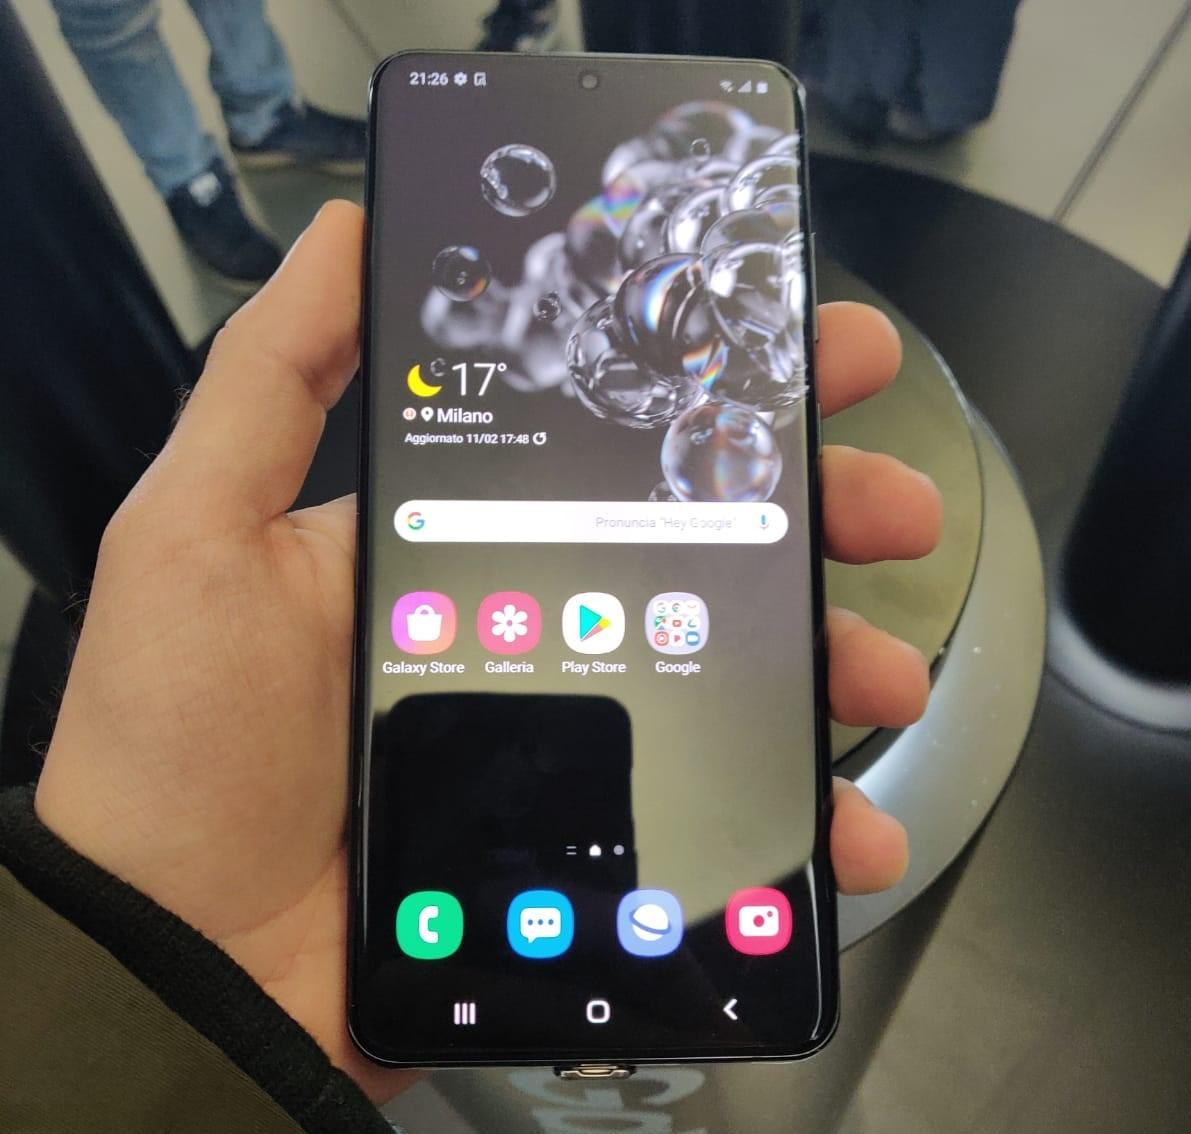 Samsung Galaxy S20 e Z Flip: le nuove frontiere degli smartphone